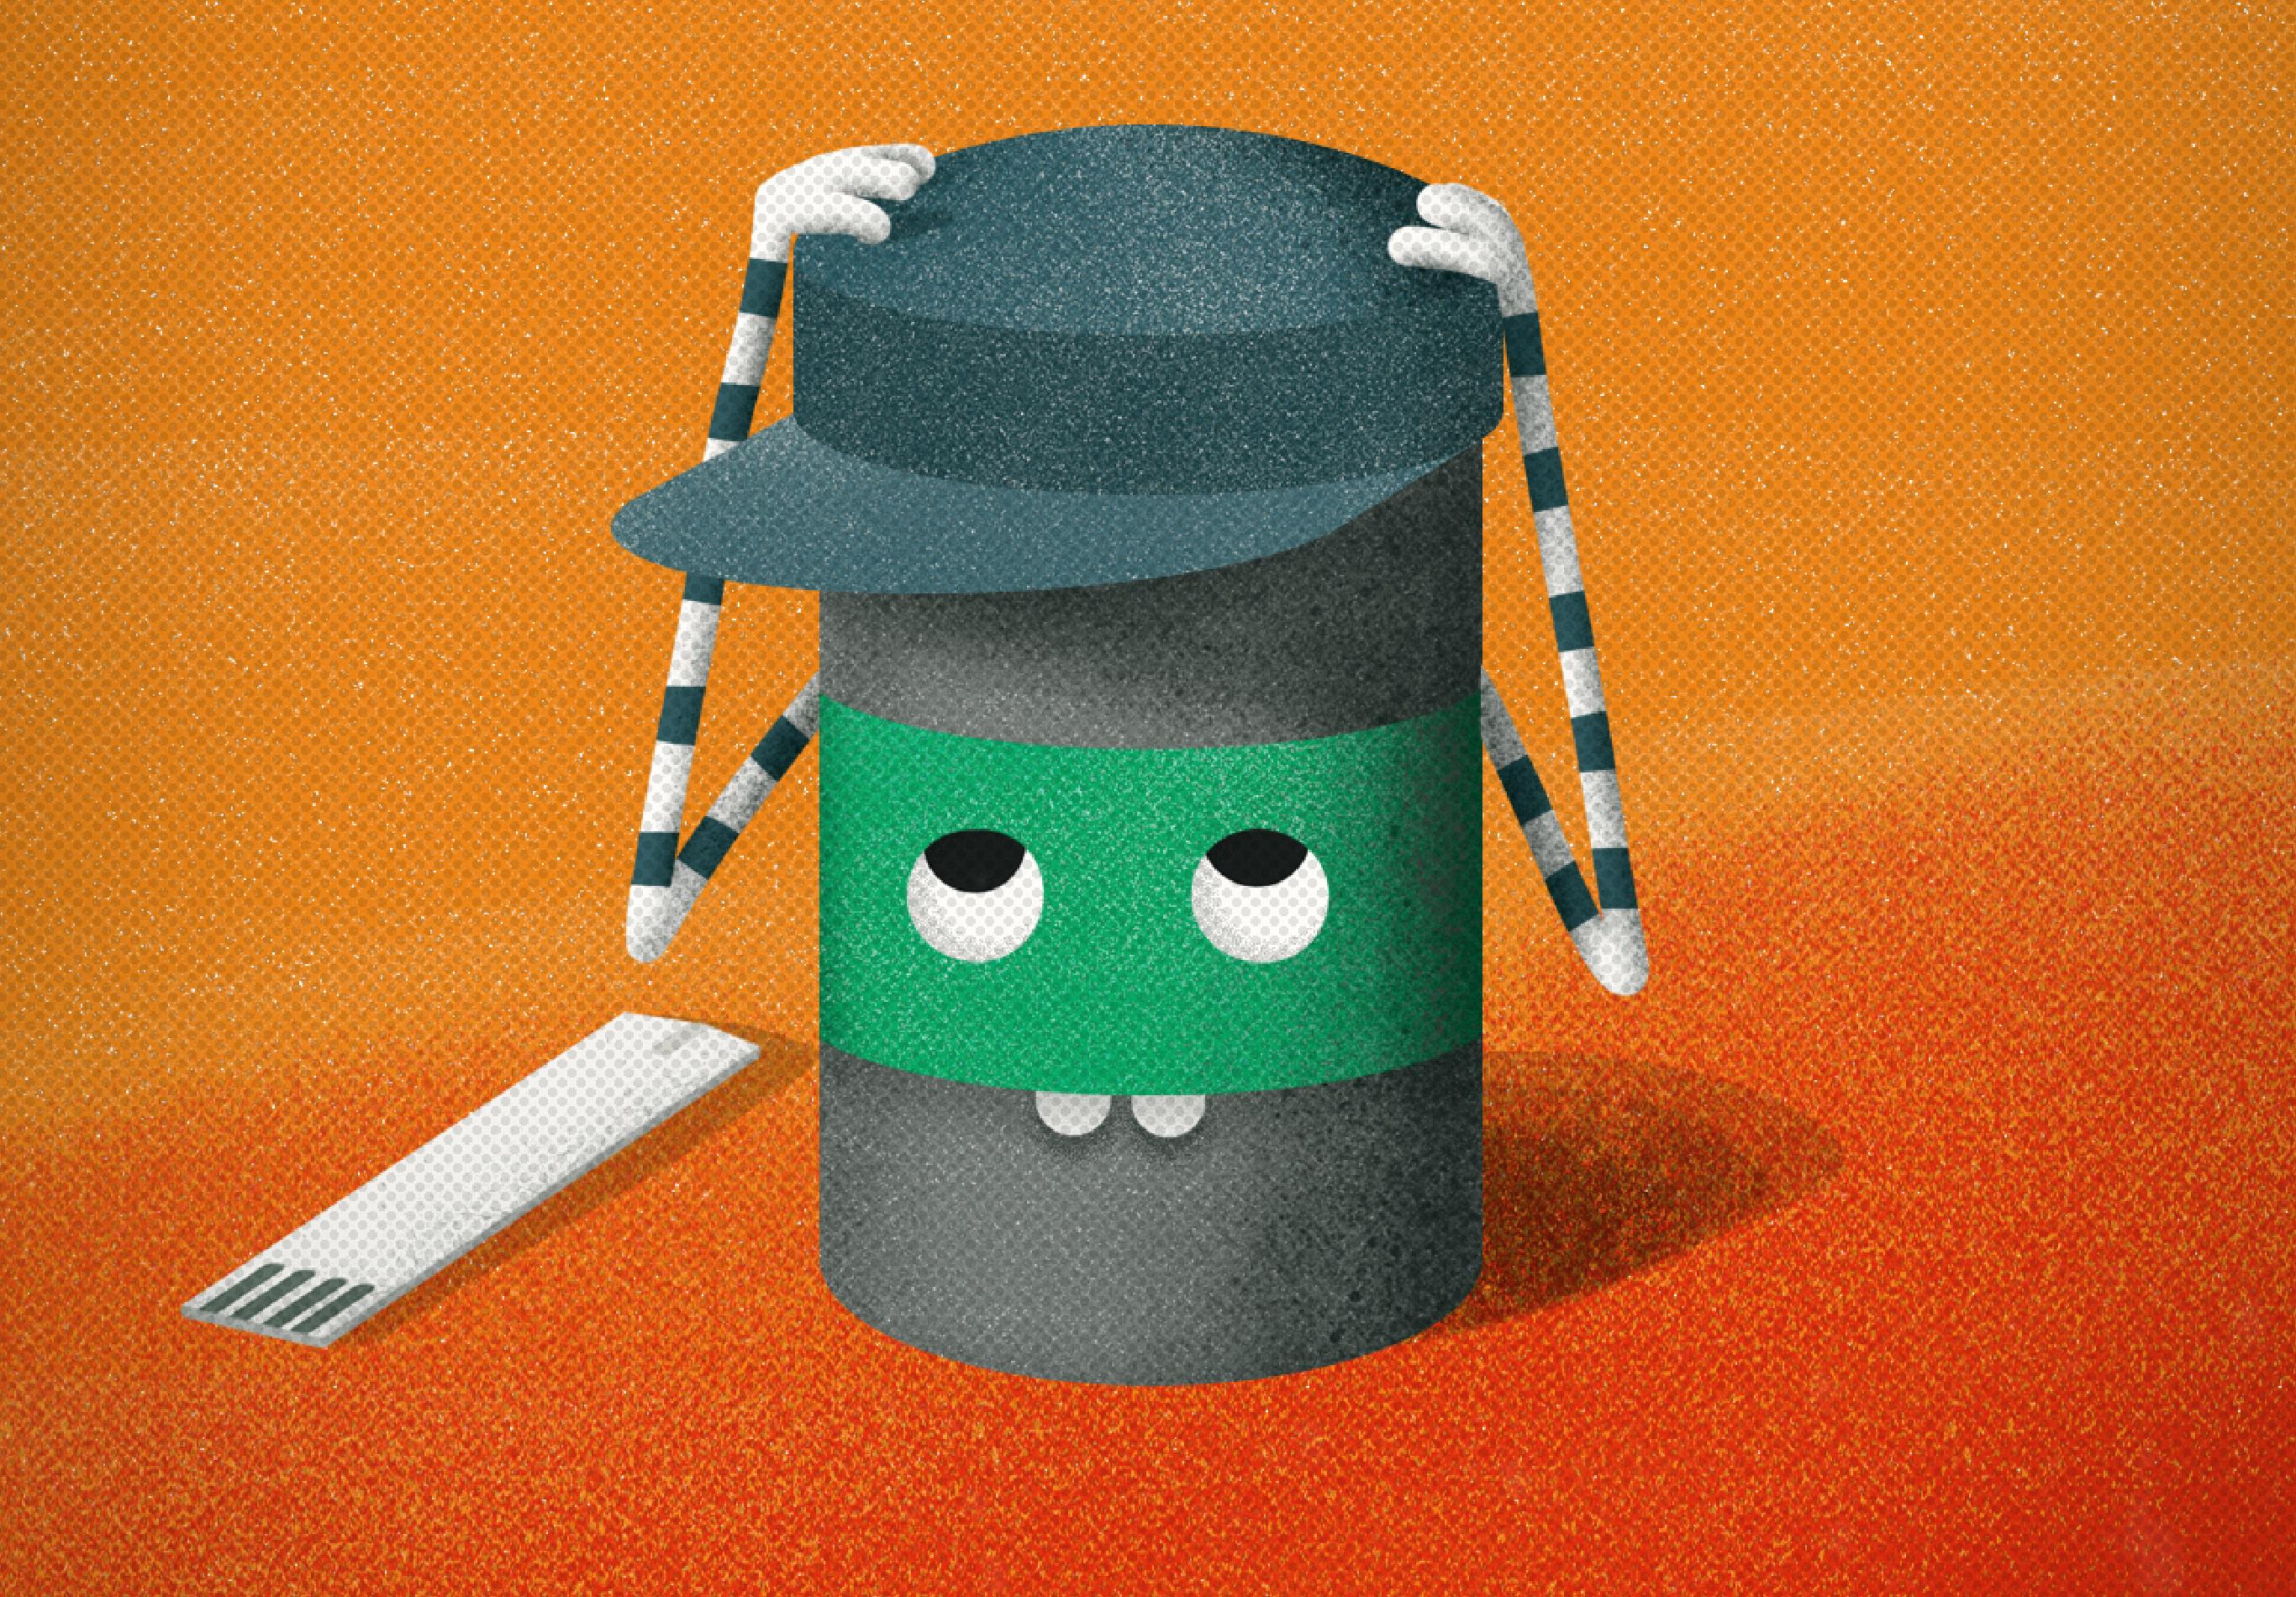 Eine Illustration einer Aufklärungskampagne der Healthcare Werbeagentur mcs mit einer Teststreifendose und einem Teststreifen